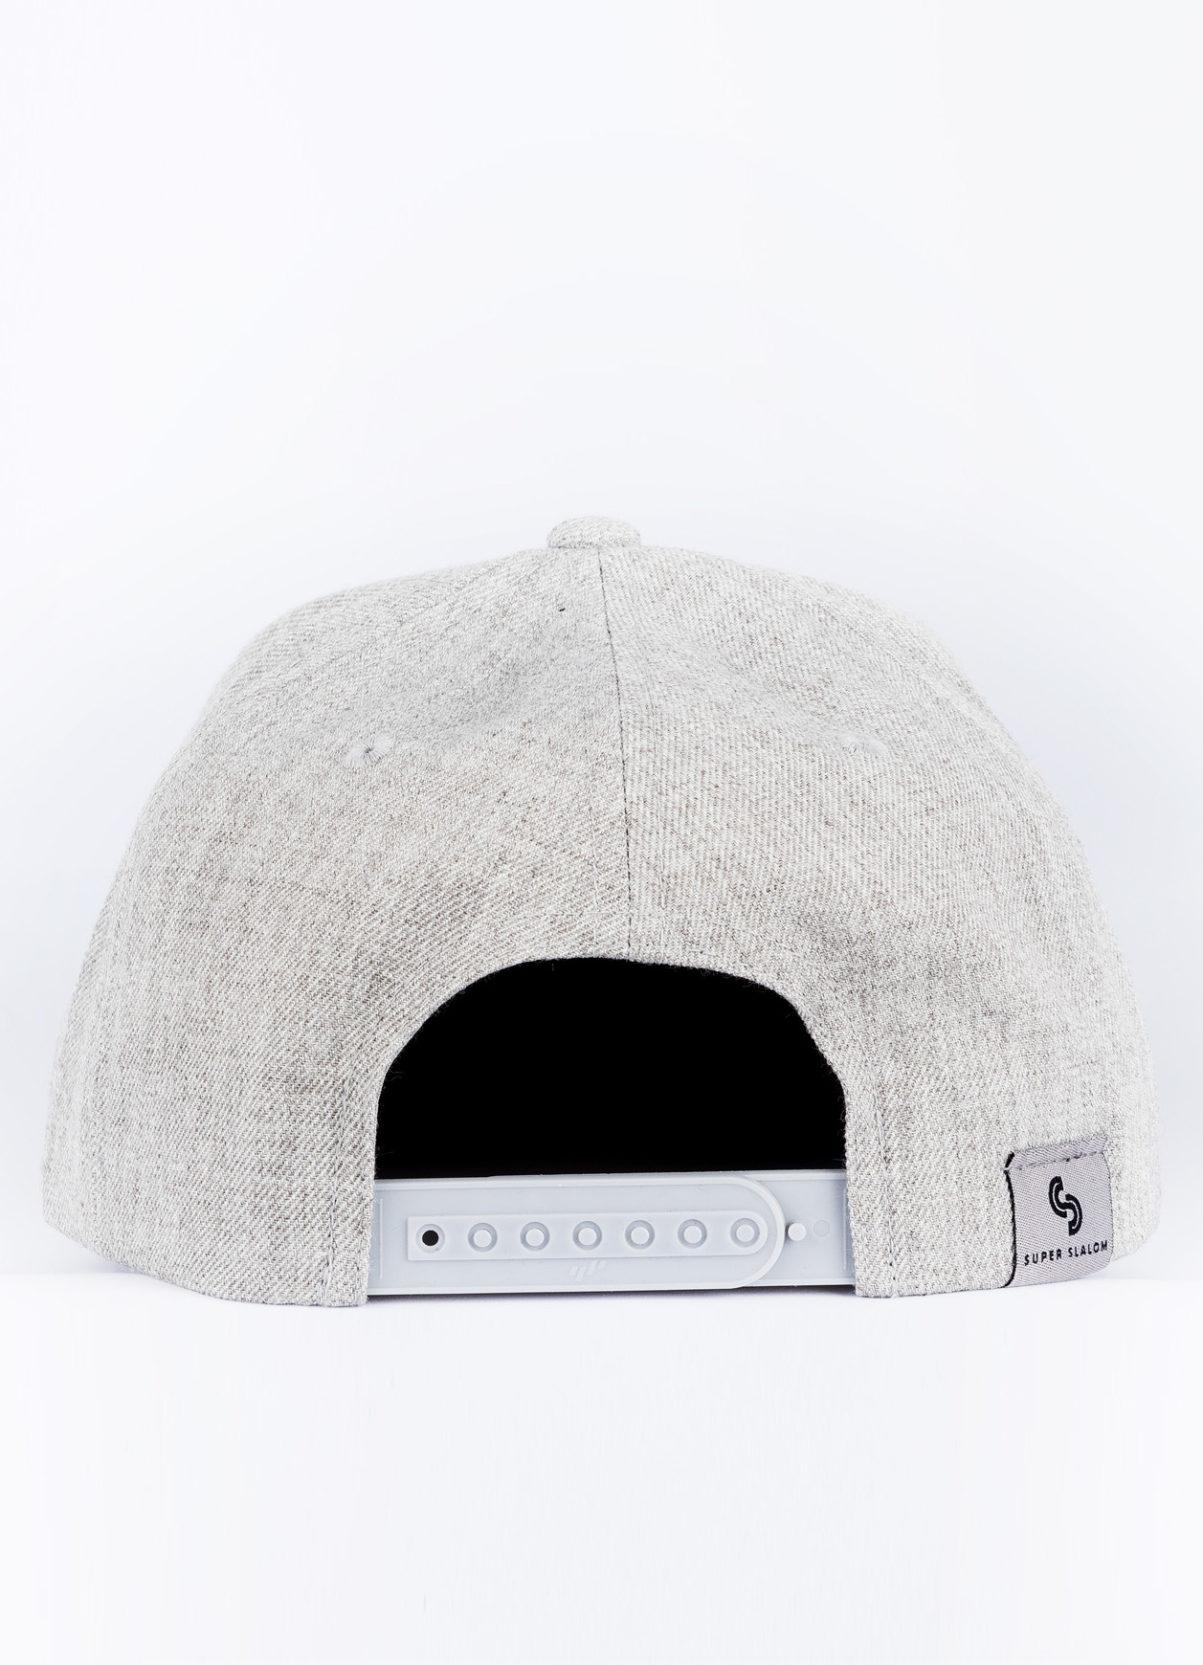 casquette-back-gris-2